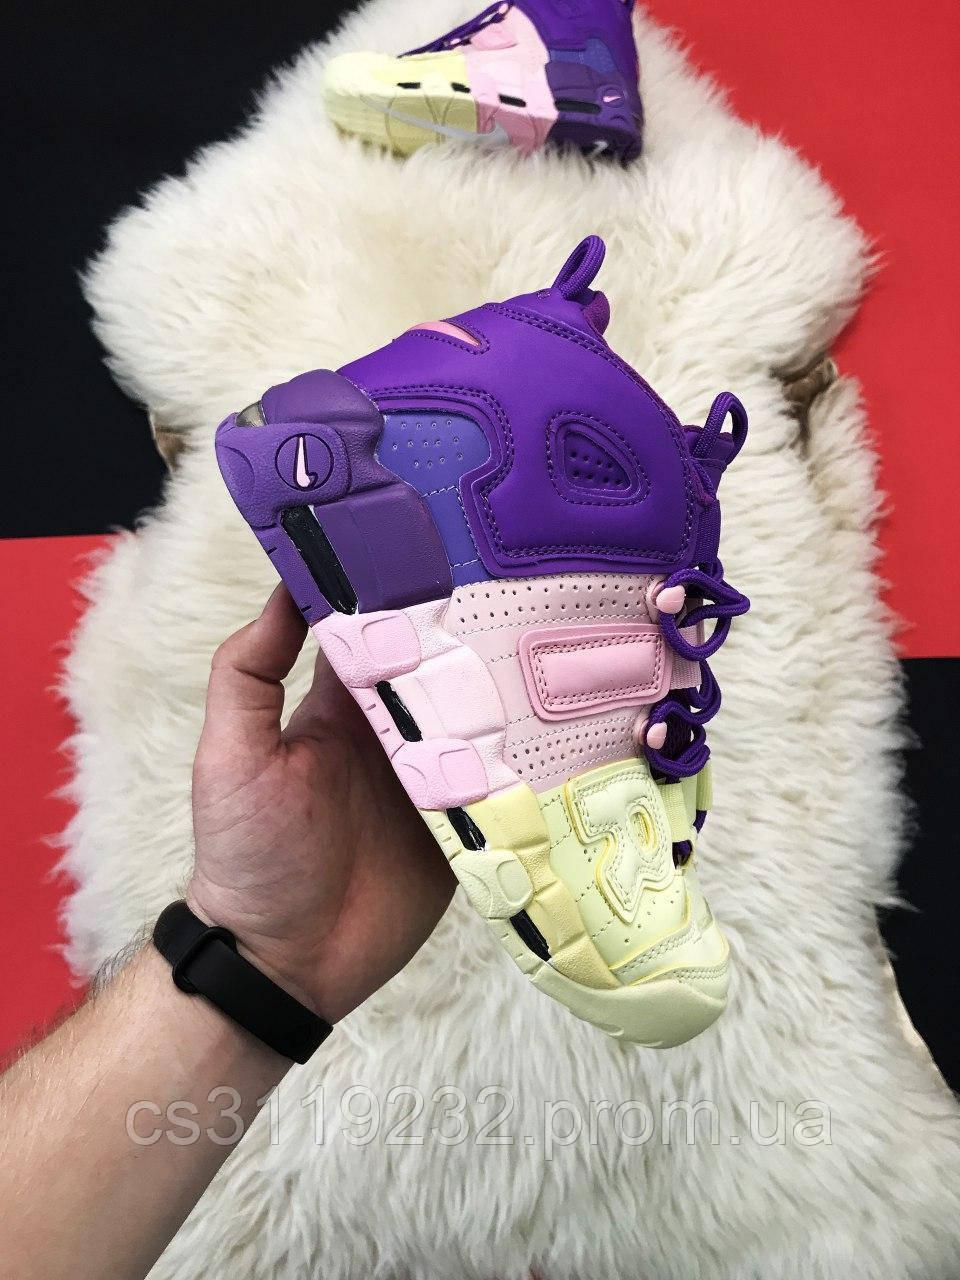 Жіночі кросівки Nike Air More Uptempo Violet Pink Yellow (фіолетовий/рожевий/жовтий)